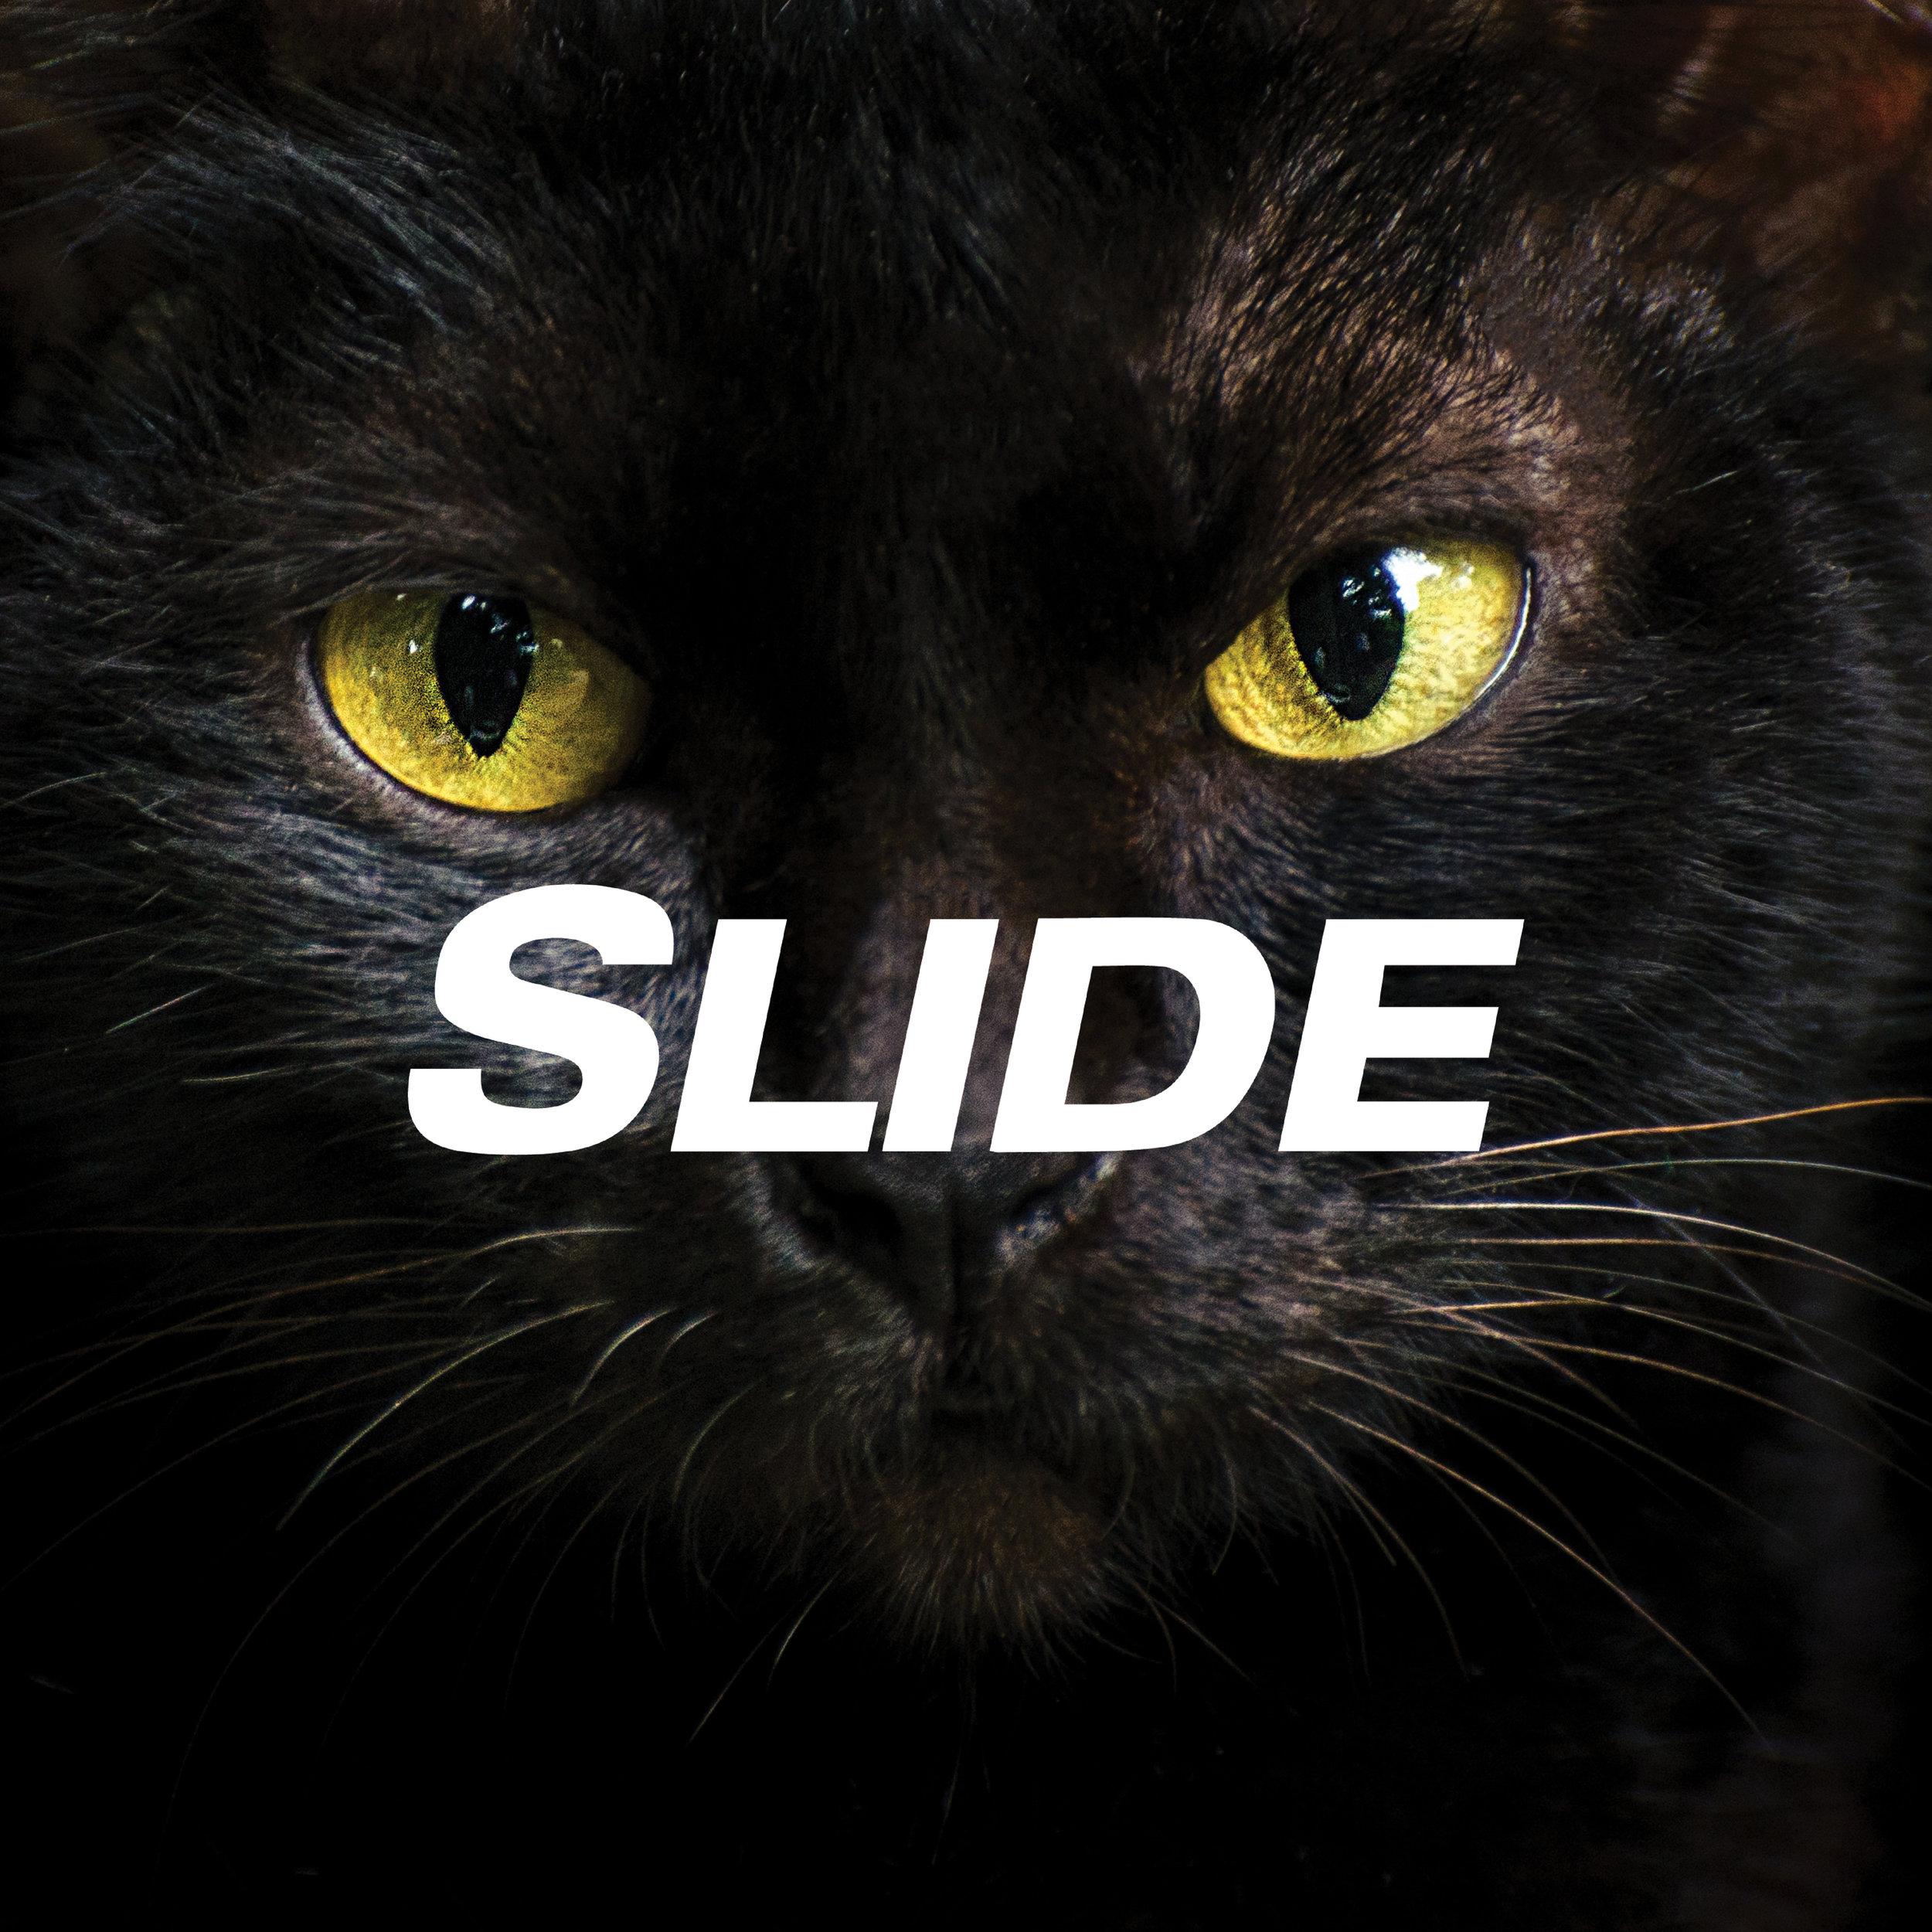 Slide (Arm & Hammer)